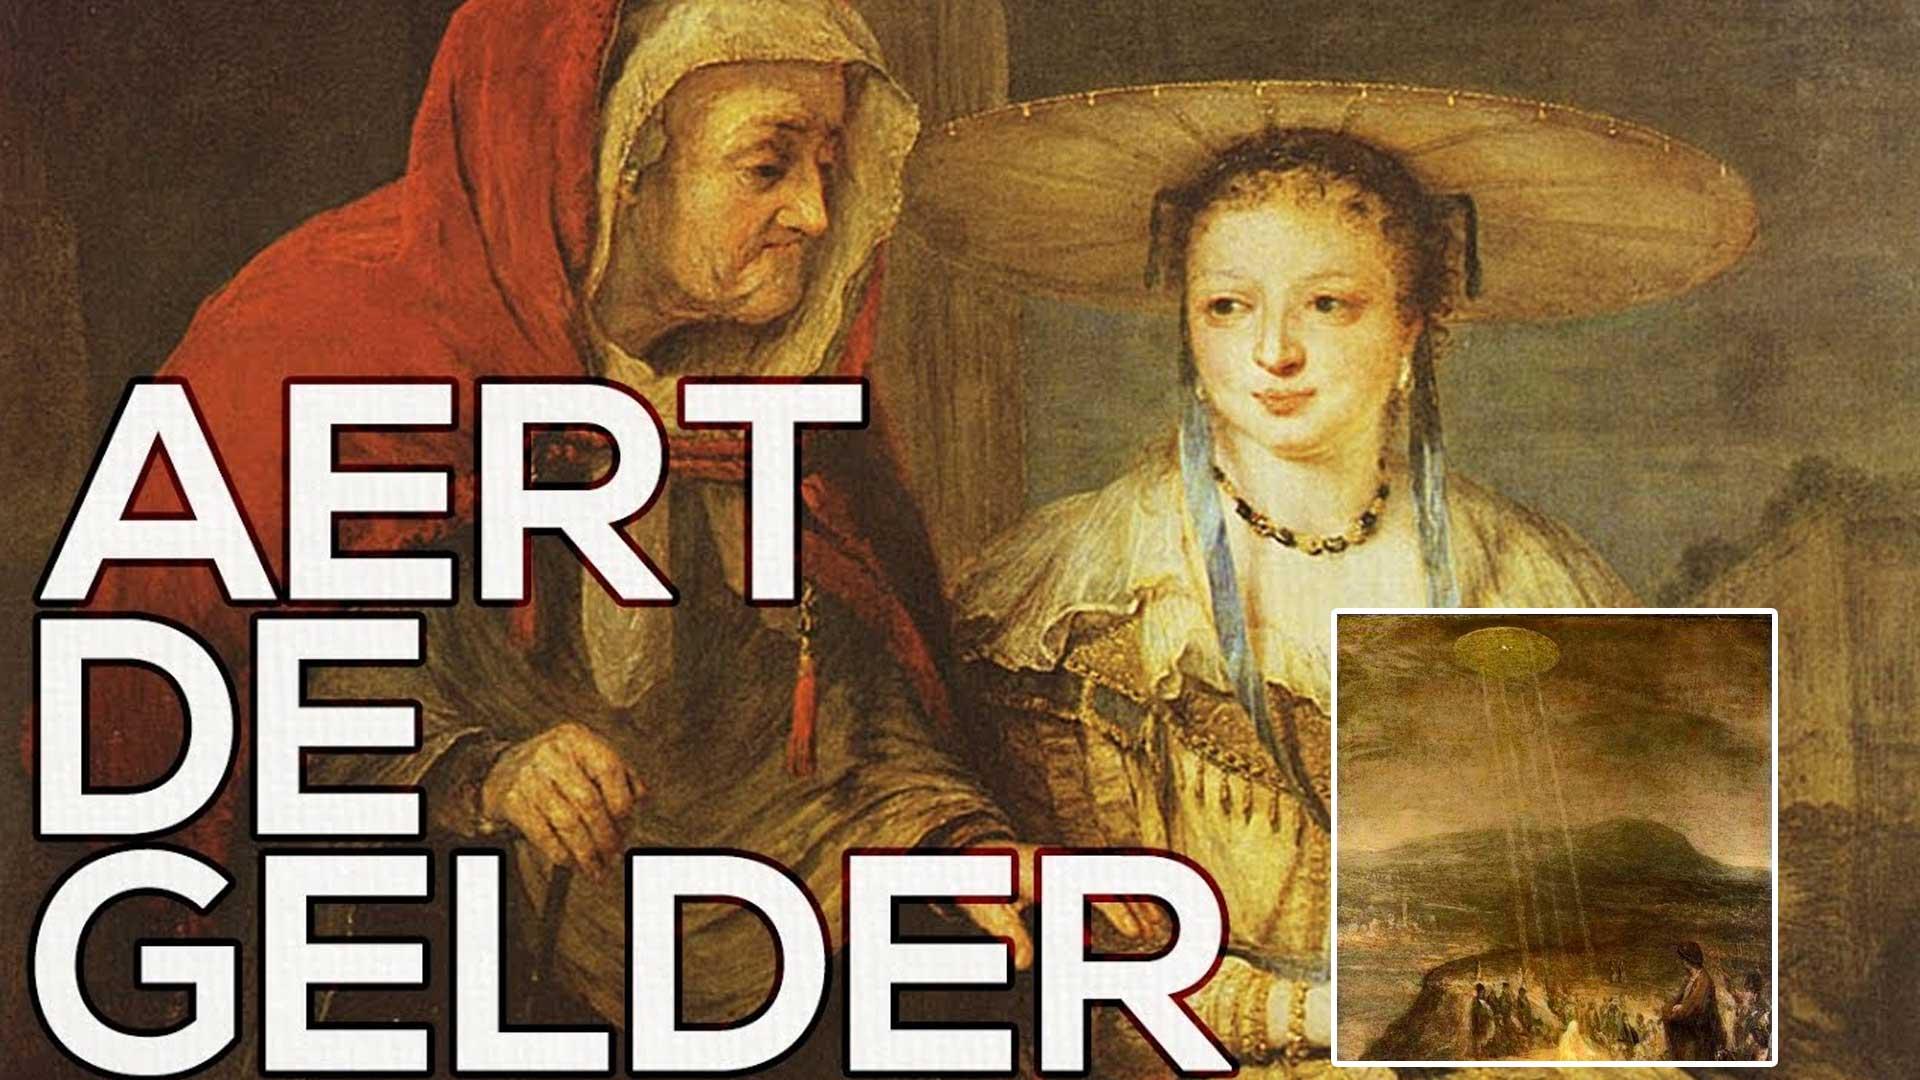 La pintura del siglo XVIII dónde aparece un Ovni